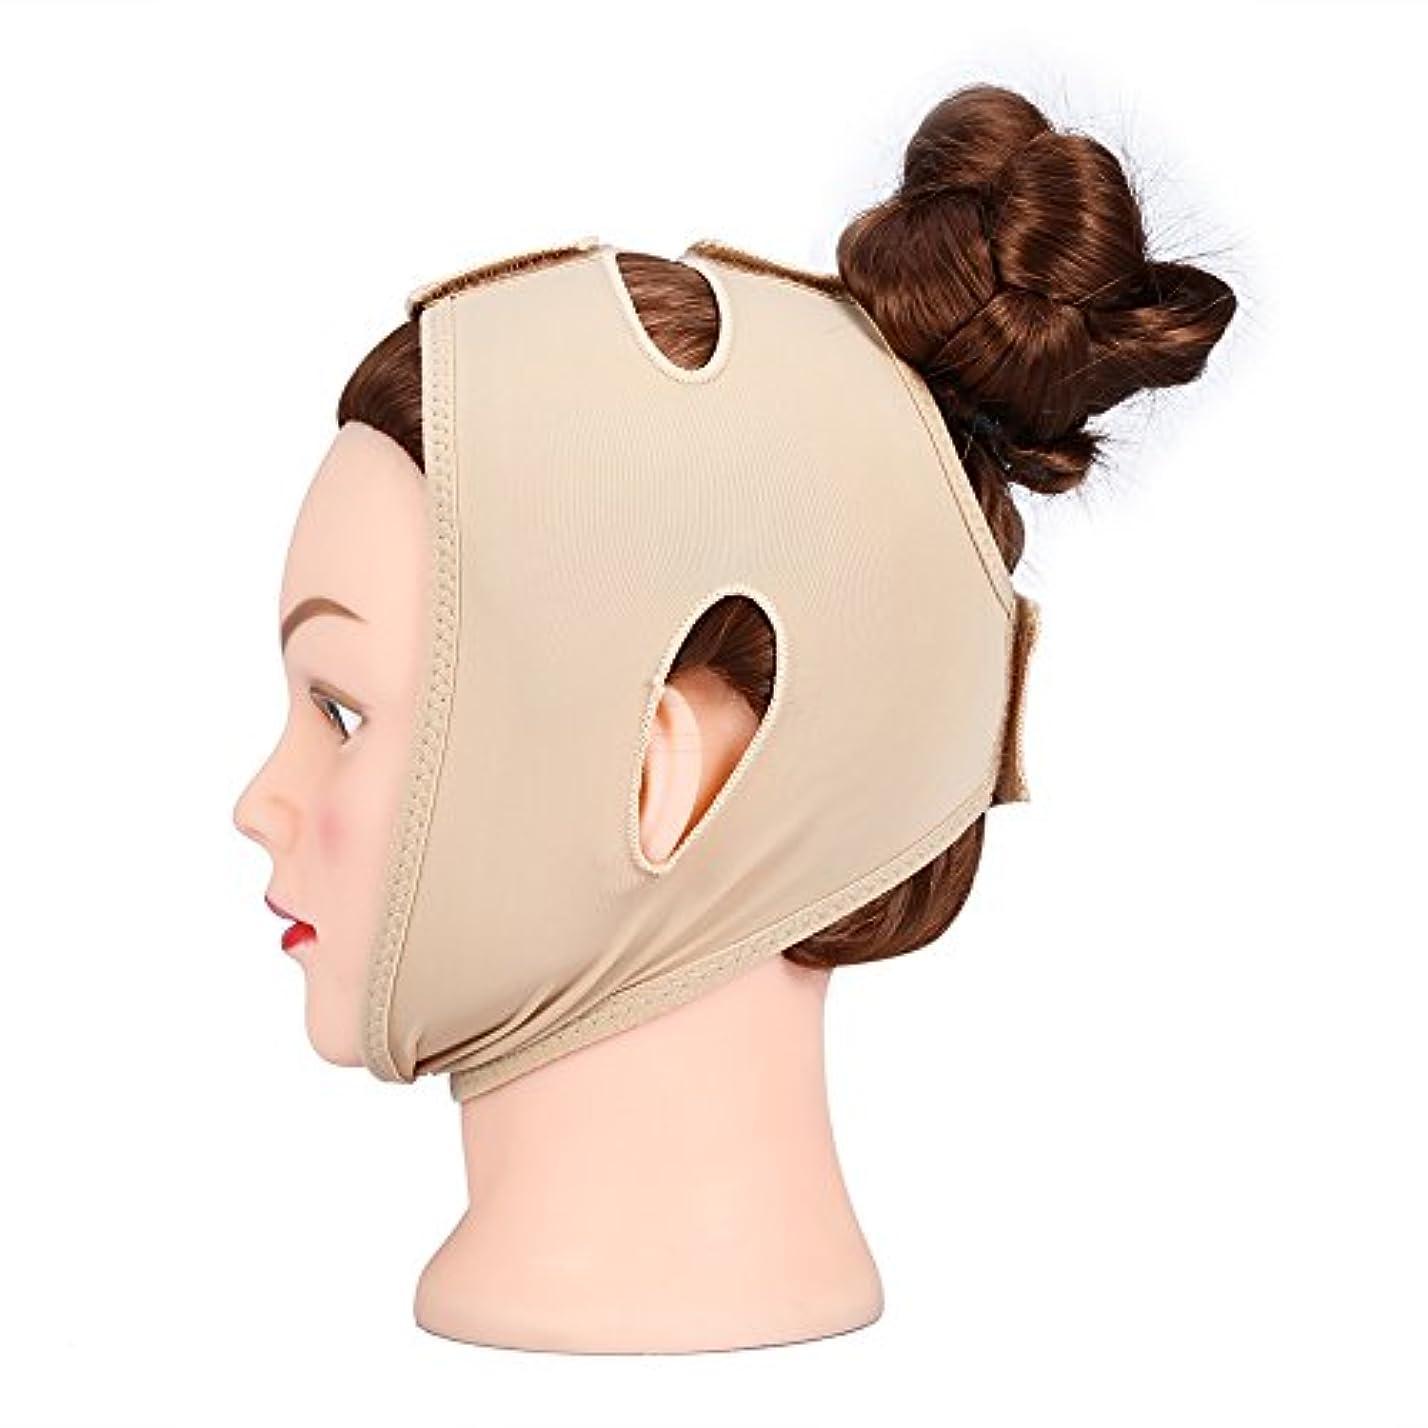 アニメーションヤングすべて痩身フェイスバンド、痩身フェイスマスク、フェイスリフトマスク、睡眠首マスク、二重あご包帯を減らす(M)